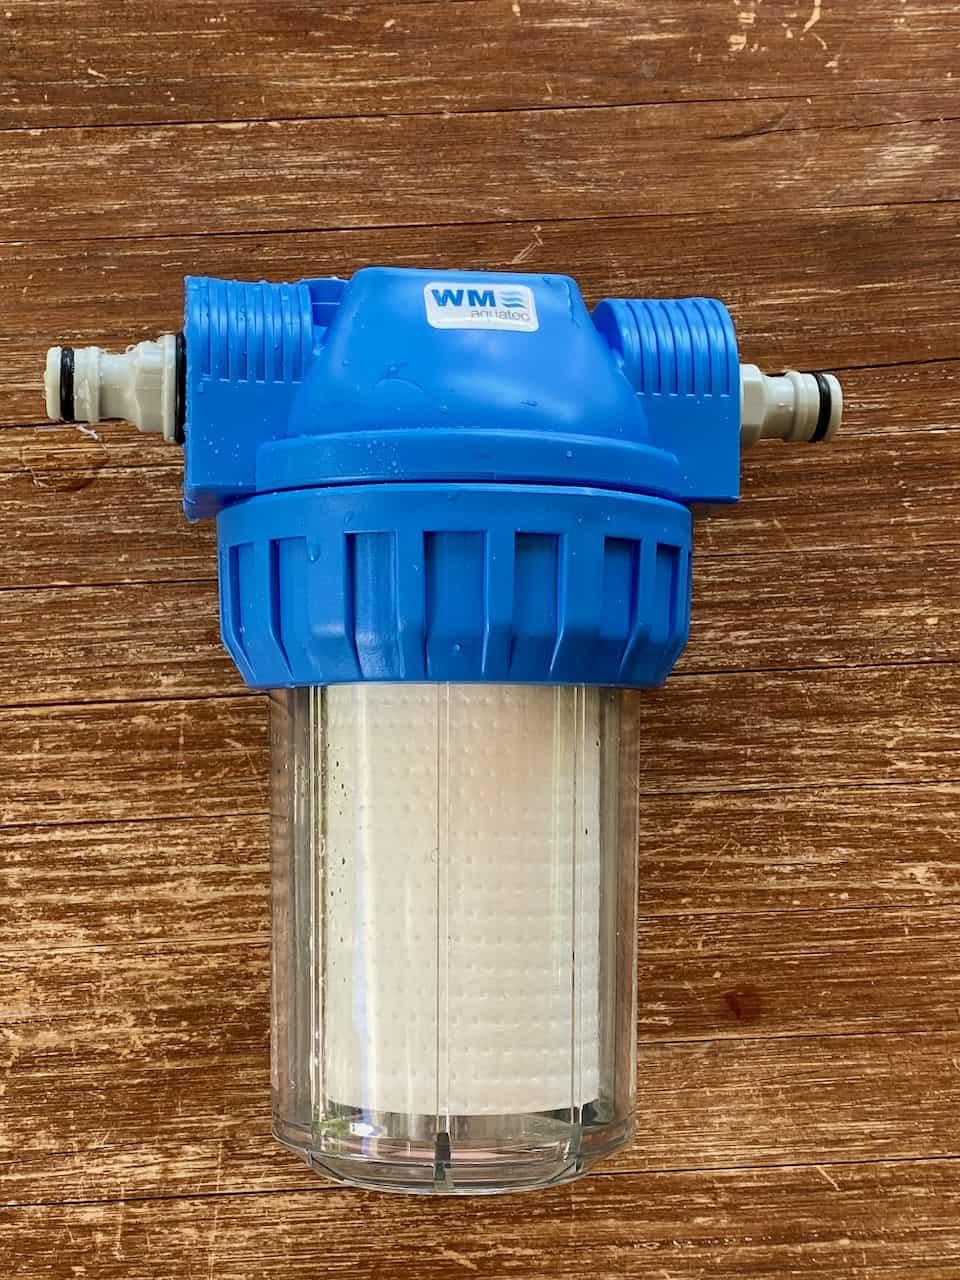 WM-aquatec-Wasserfilter-Umbau-von-Schlauchtülle-auf-Gardena-Adapter-komplett